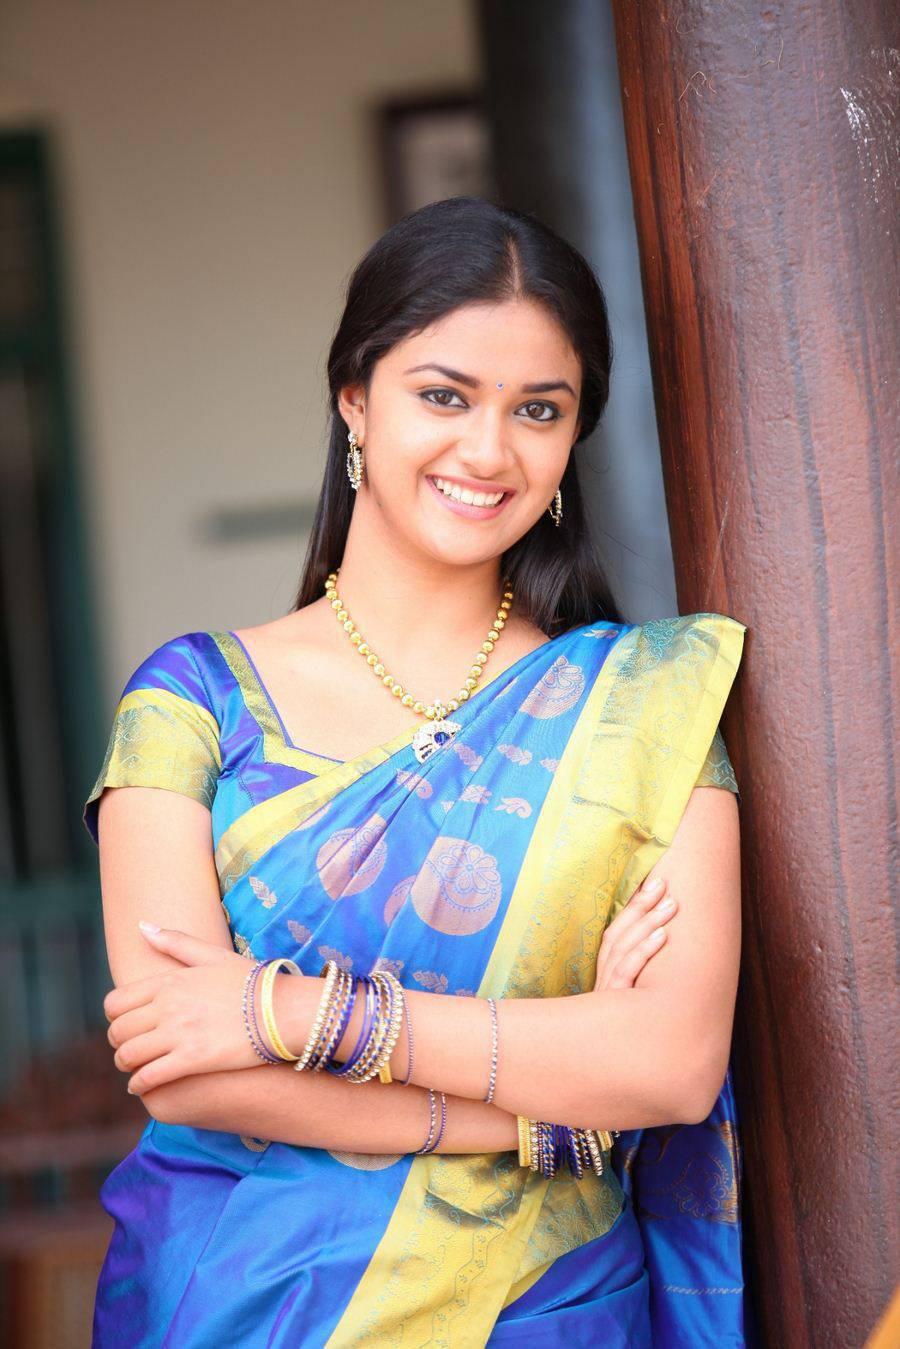 Keerthi Suresh Stills From Tamil Movie In Blue Saree